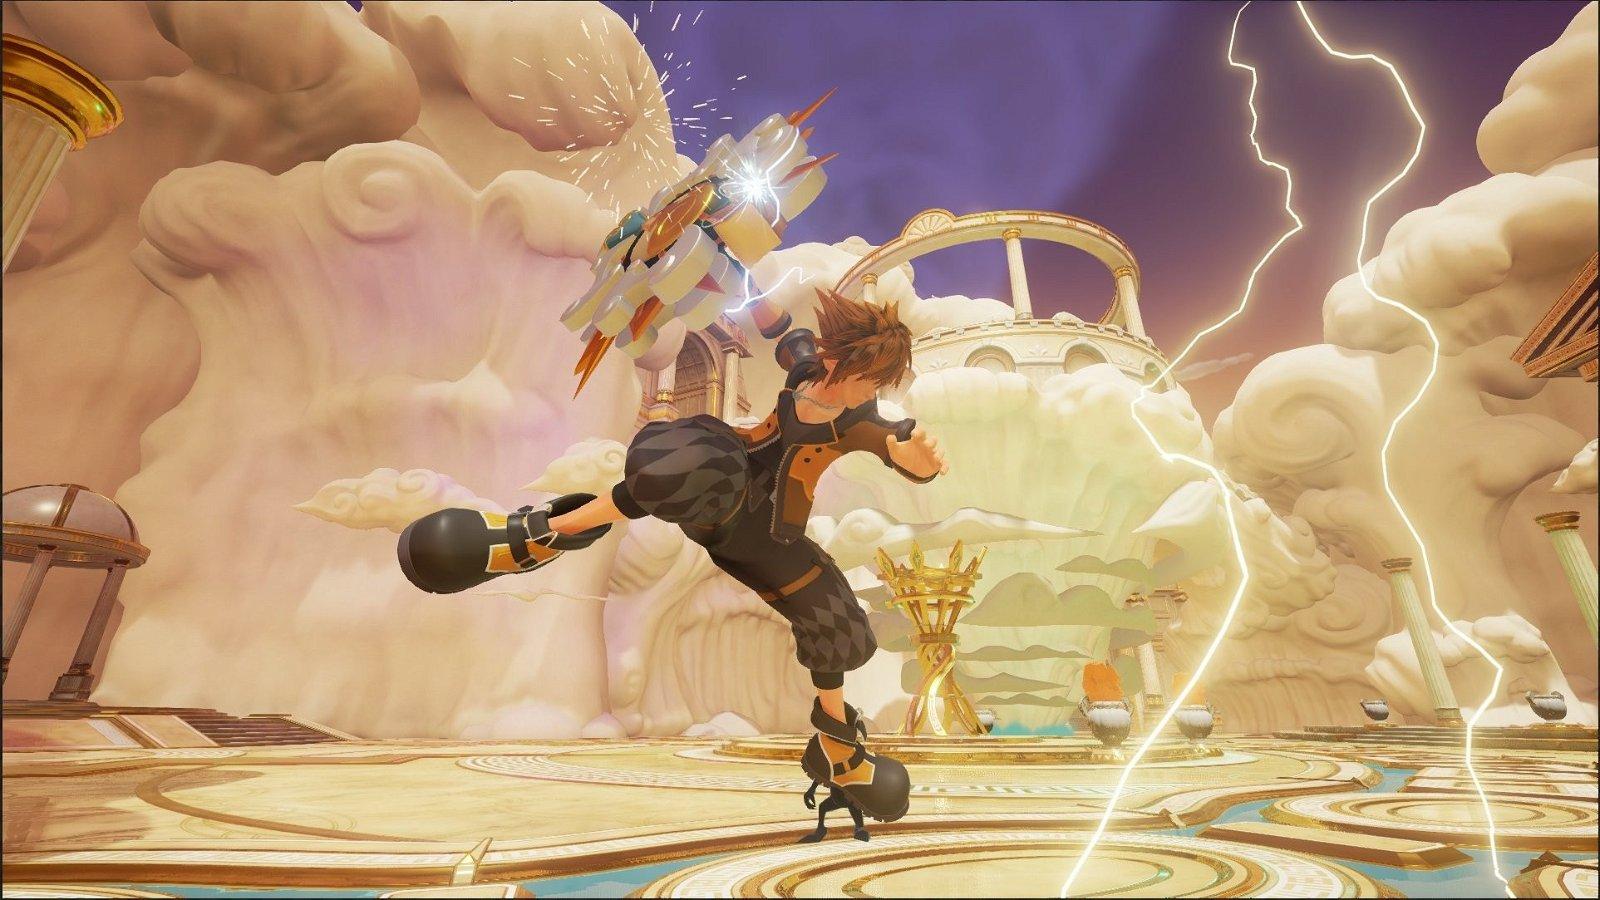 RESULTADO ENCUESTA: Este es tu juego favorito de la saga Kingdom Hearts